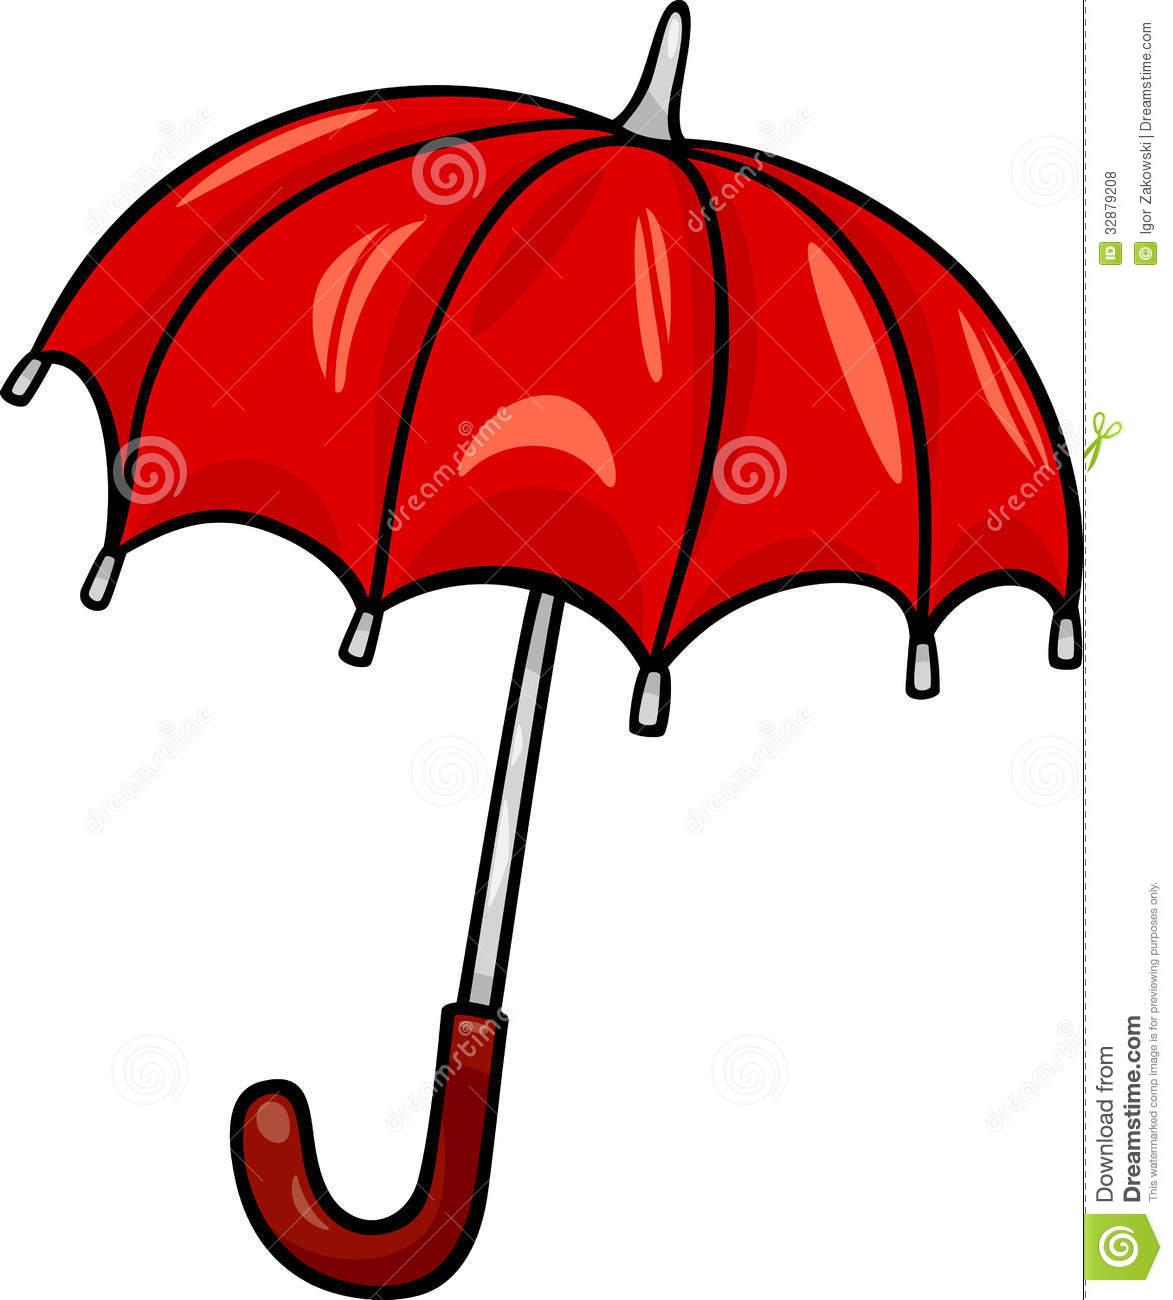 Cartoon umbrella clipart jpg transparent download Umbrella clip art cartoon | Clipart Panda - Free Clipart Images jpg transparent download